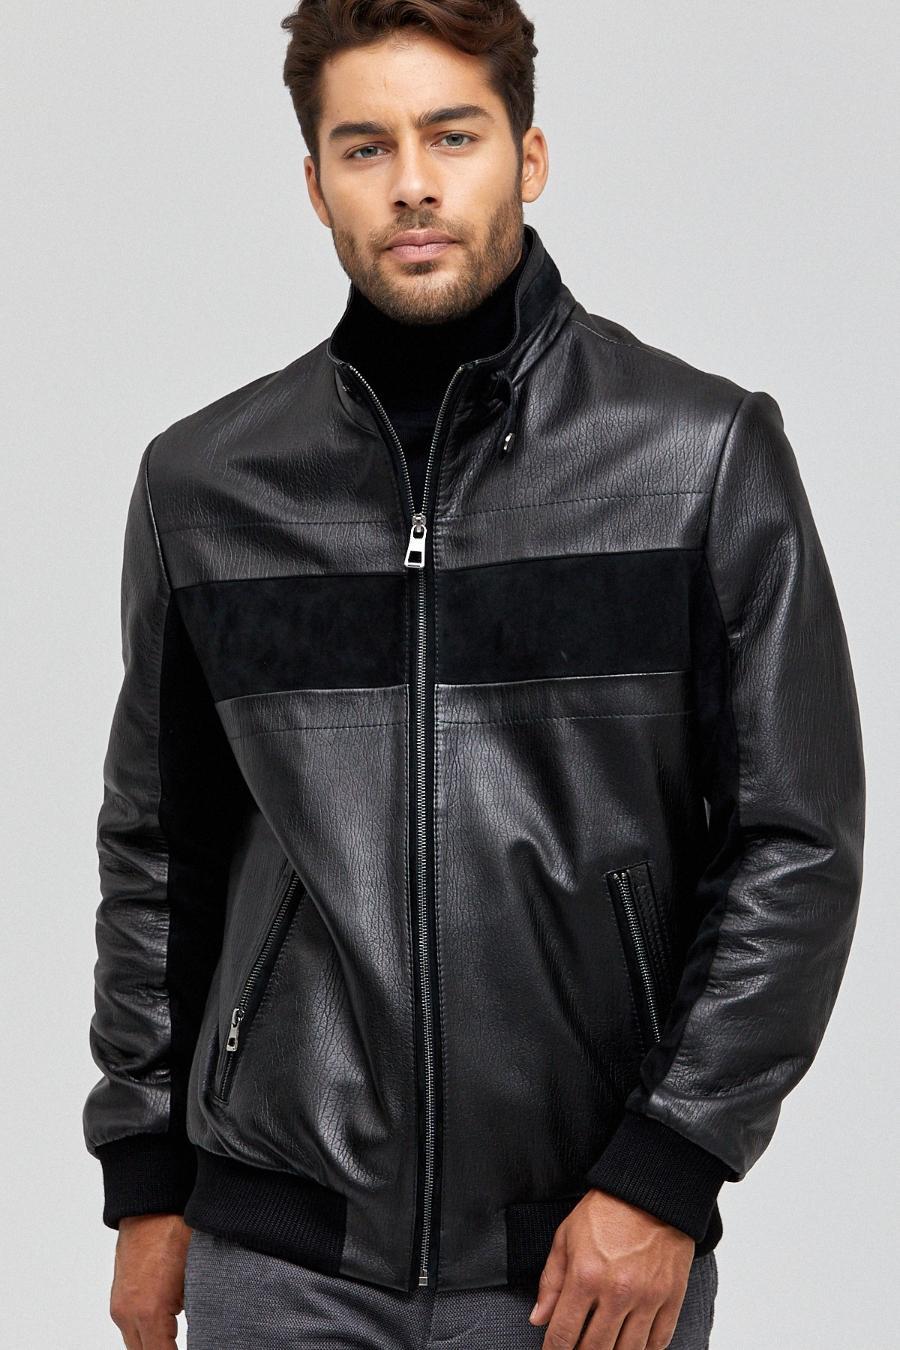 Supreme Leather Bomber Jacket for Men - Black